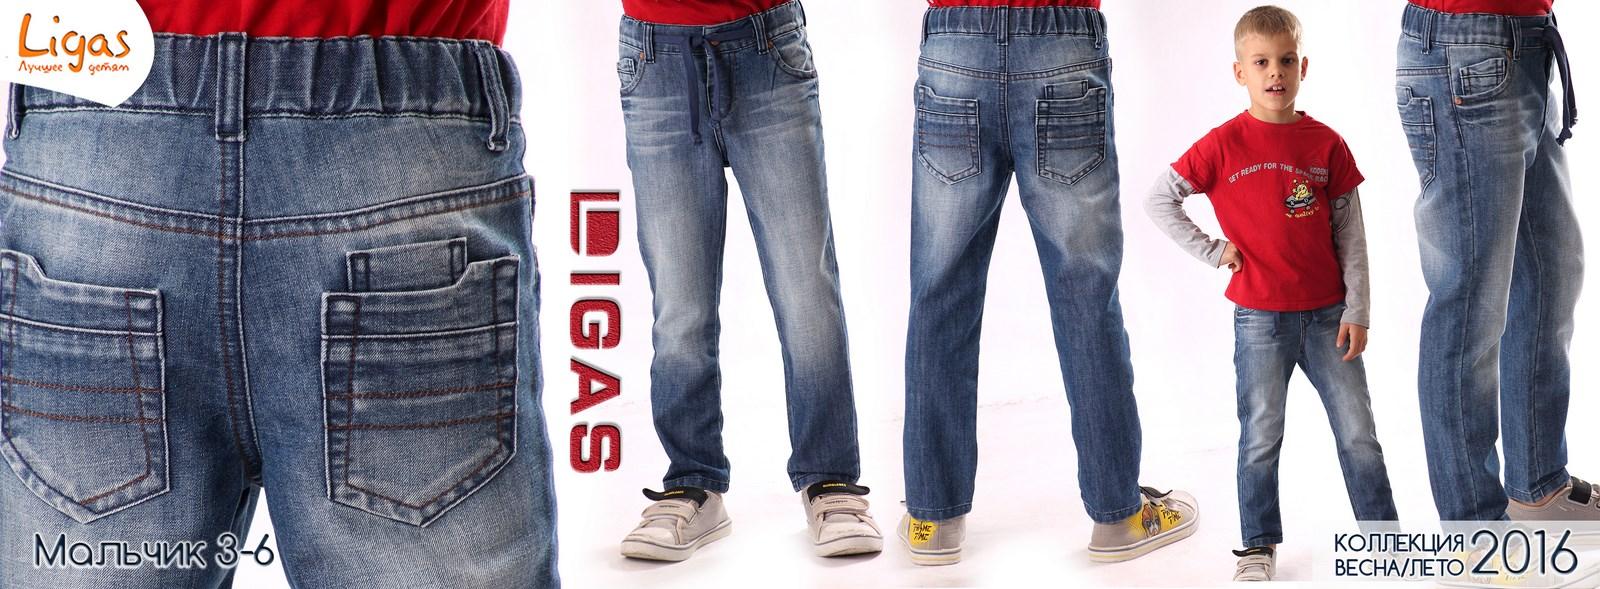 Сбор заказов-13. Распродажа коллекции прошлого года детской джинсовой и вельветовой одежды ТМ Ligas, Fabex, Republik